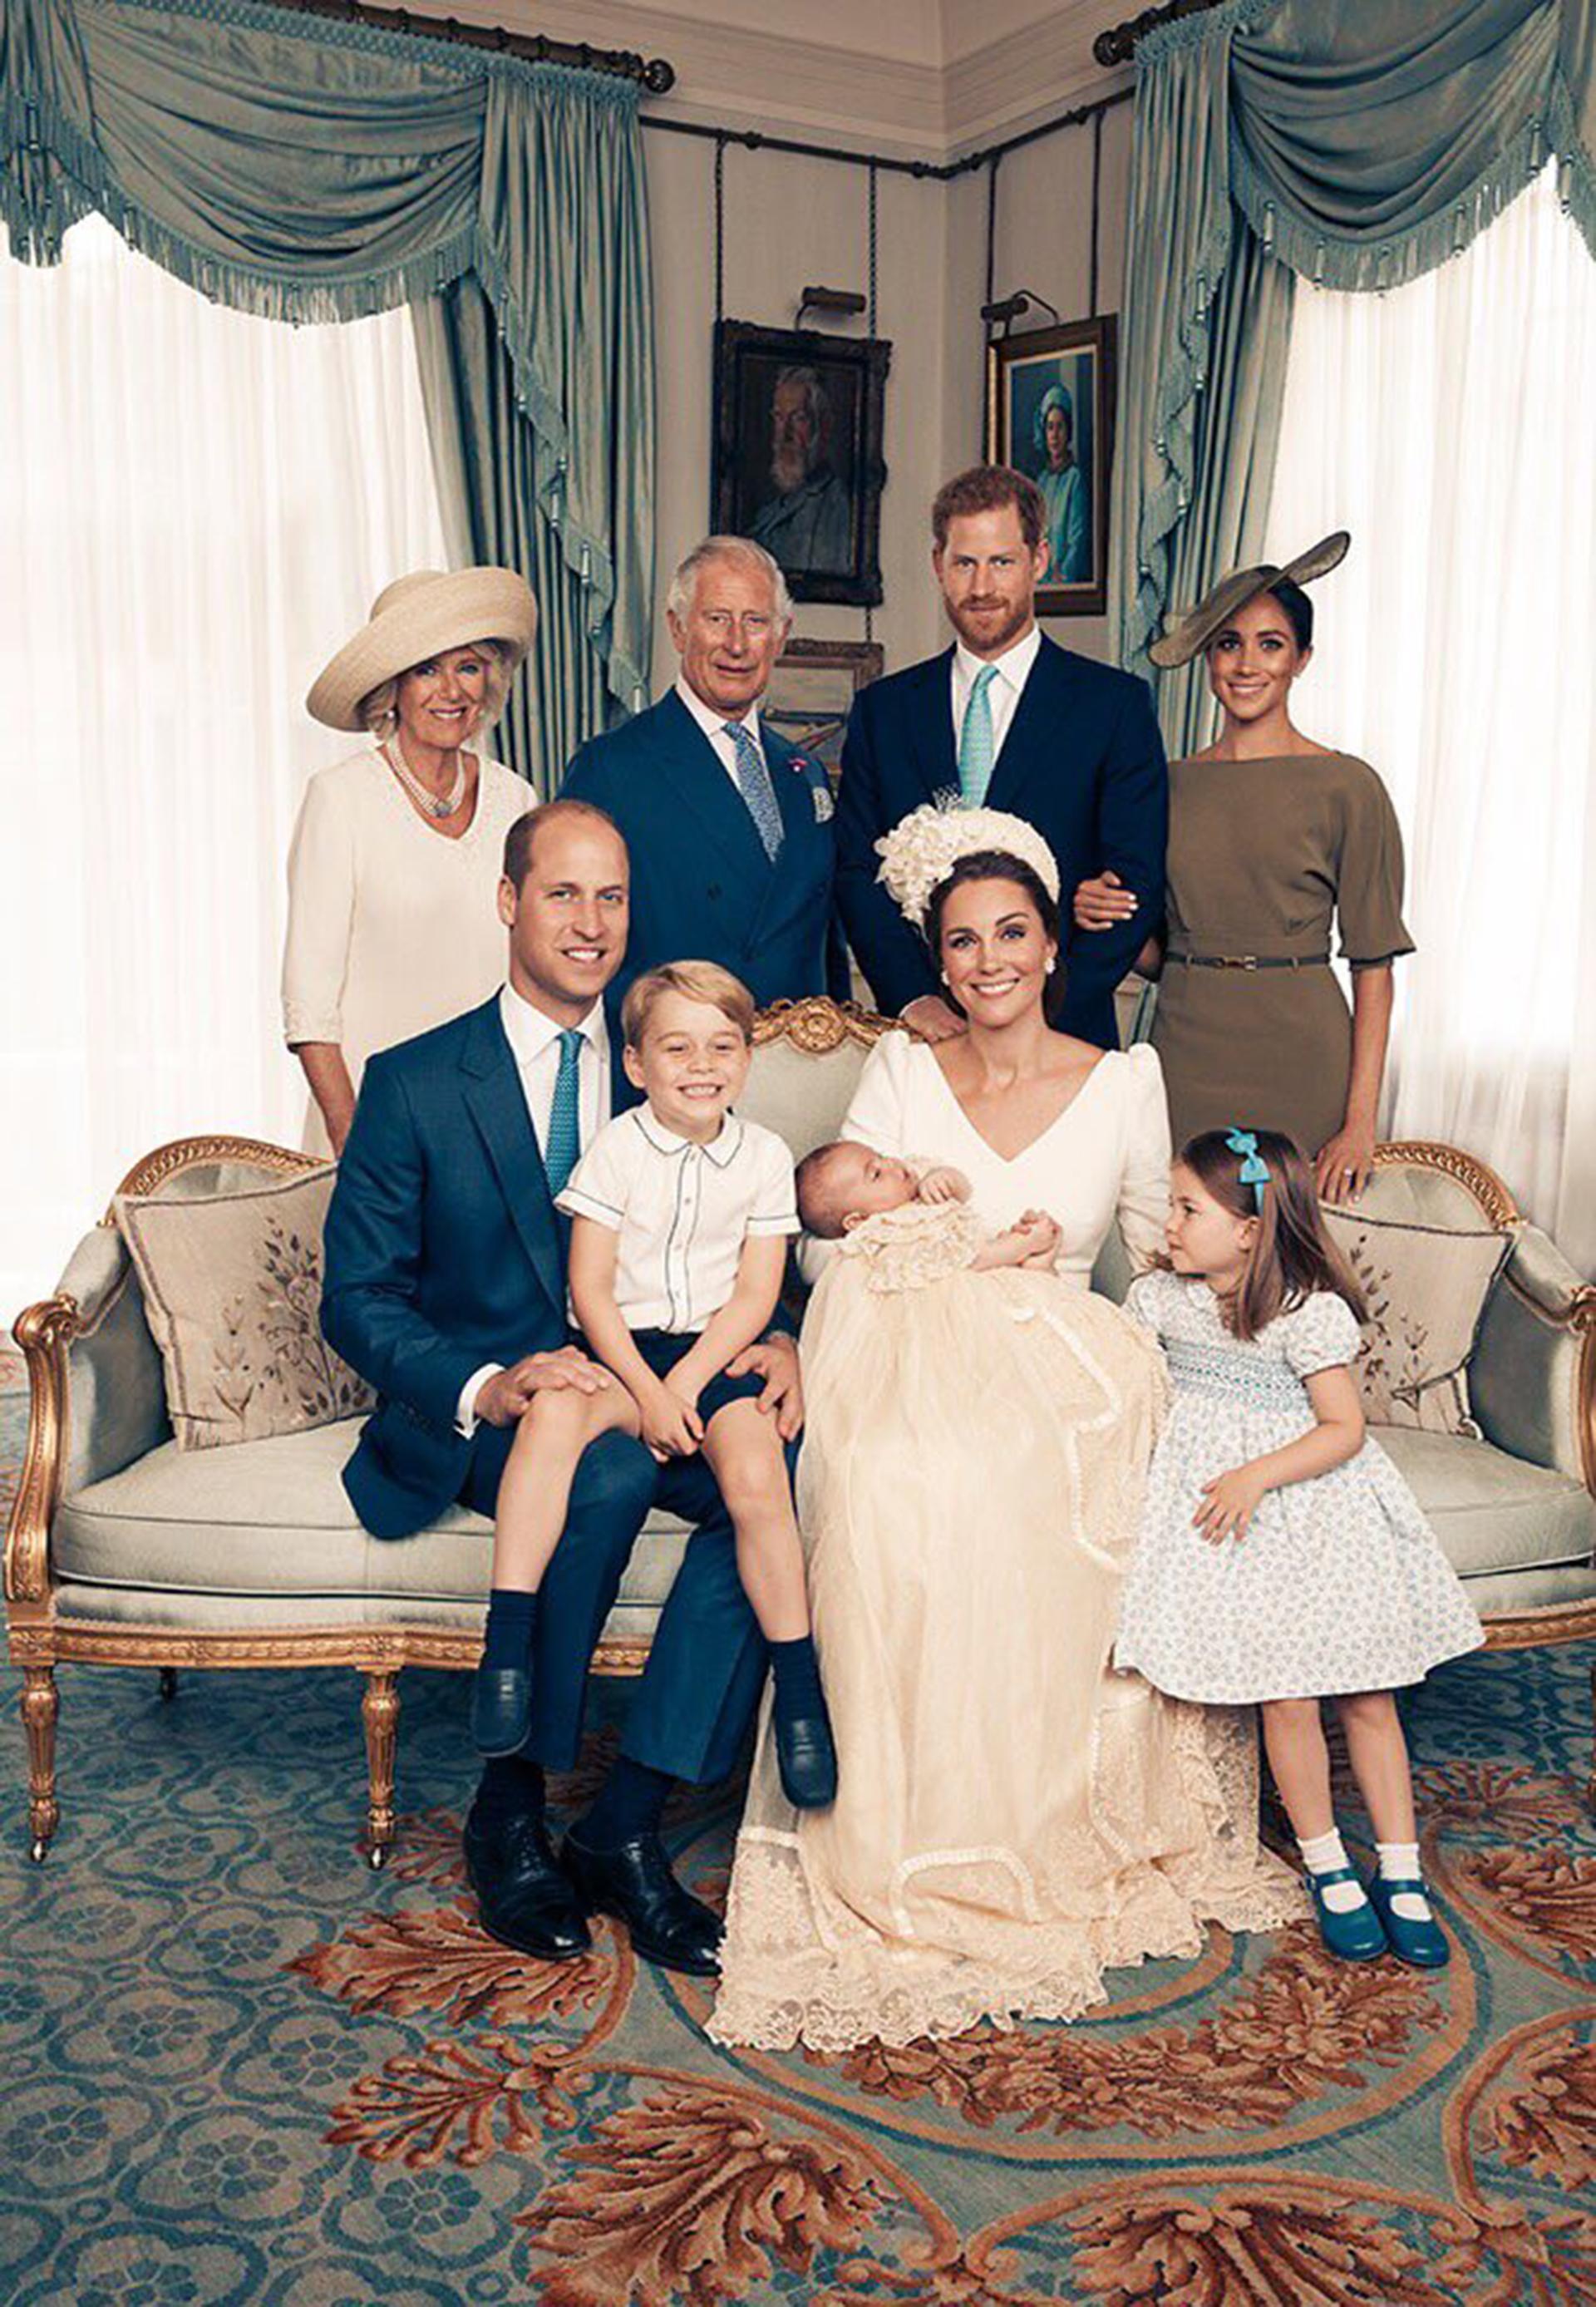 Los íntimos retratos fueron tomados por Matt Holyoak en Clarence House, residencia oficial del príncipe Carlos y de Camila